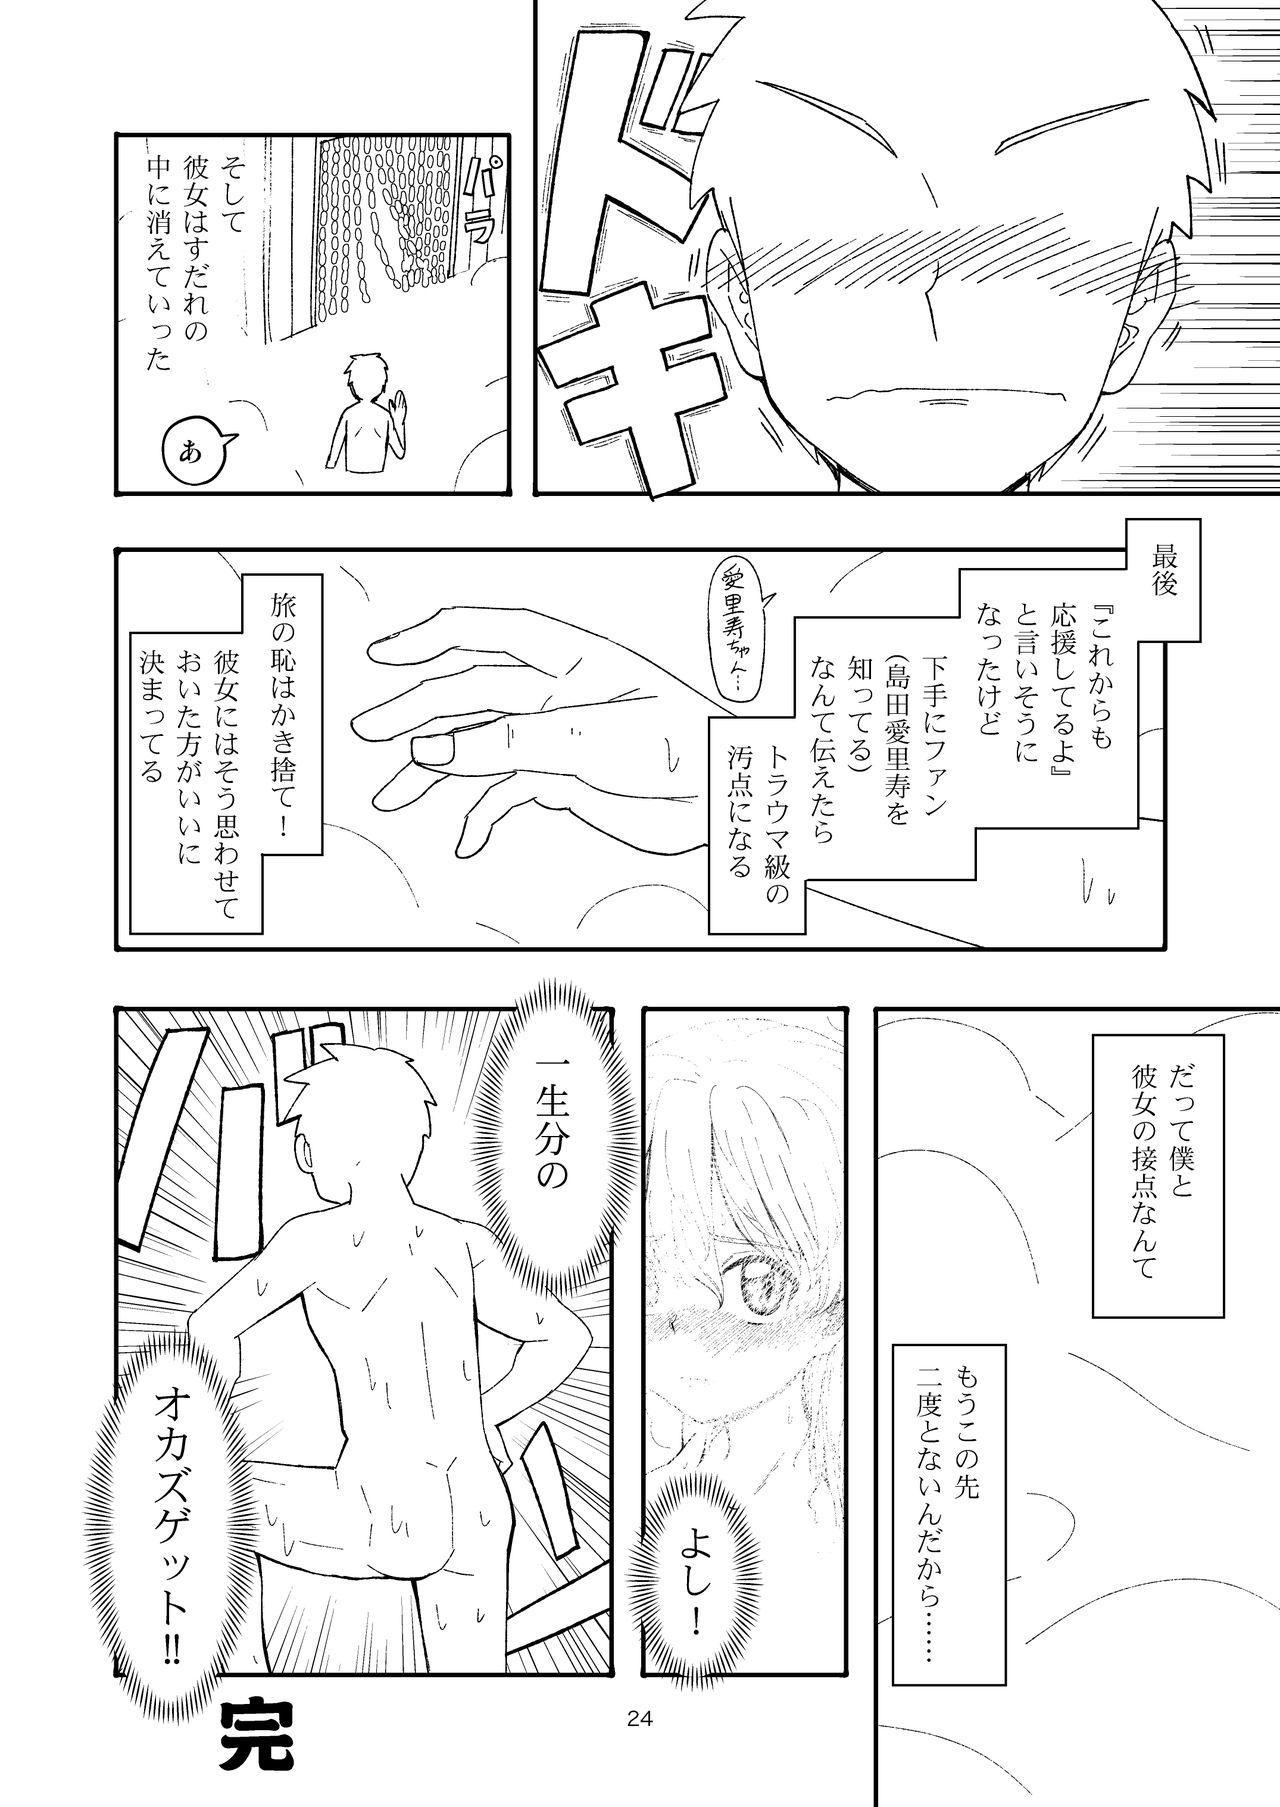 実録!!愛里寿ちゃんが間違えて混浴に入ってきちゃったはなし 23